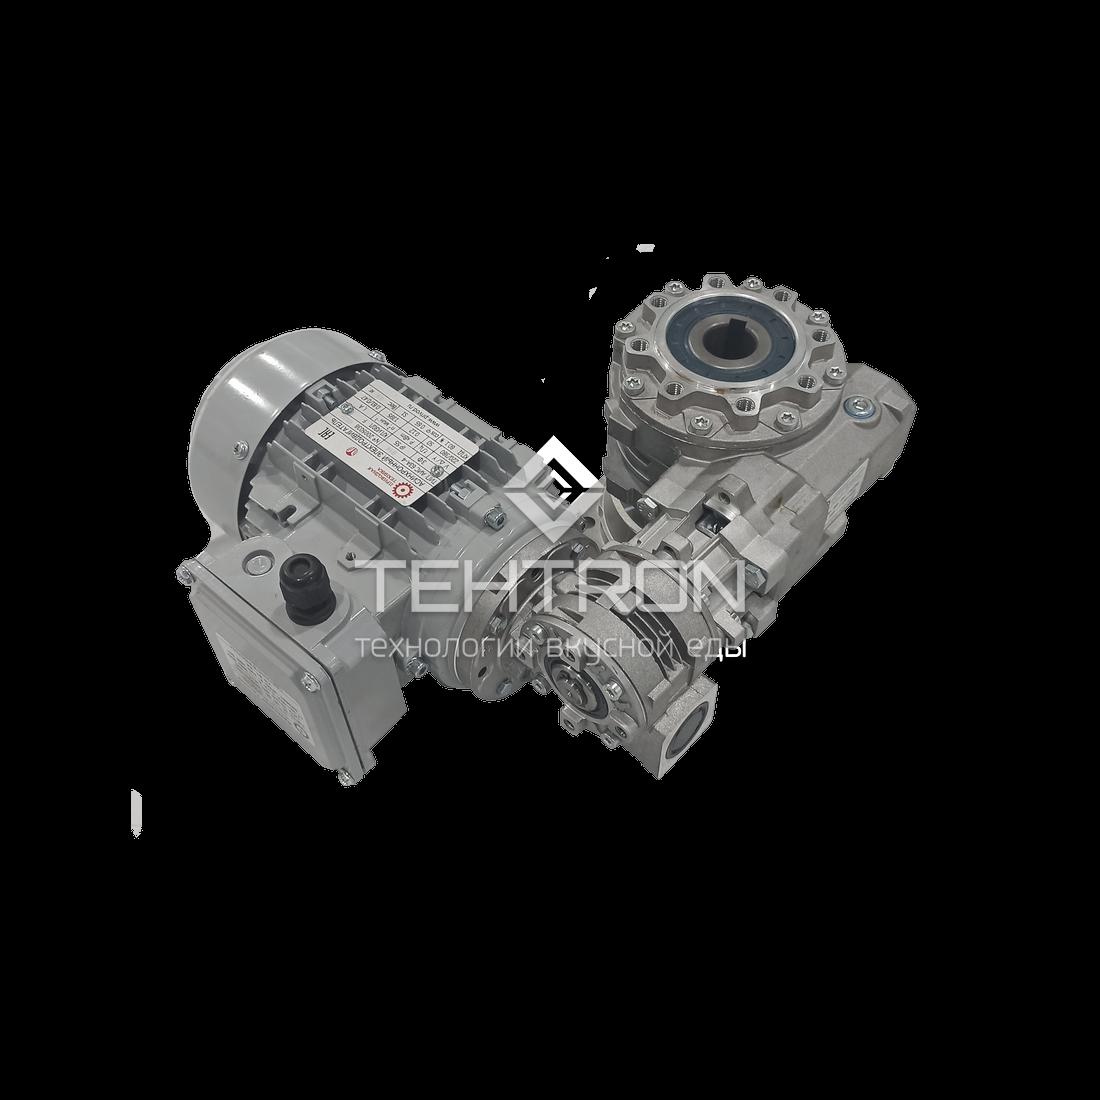 Запасные части для термокамер Техтрон. Мотор-редуктор.